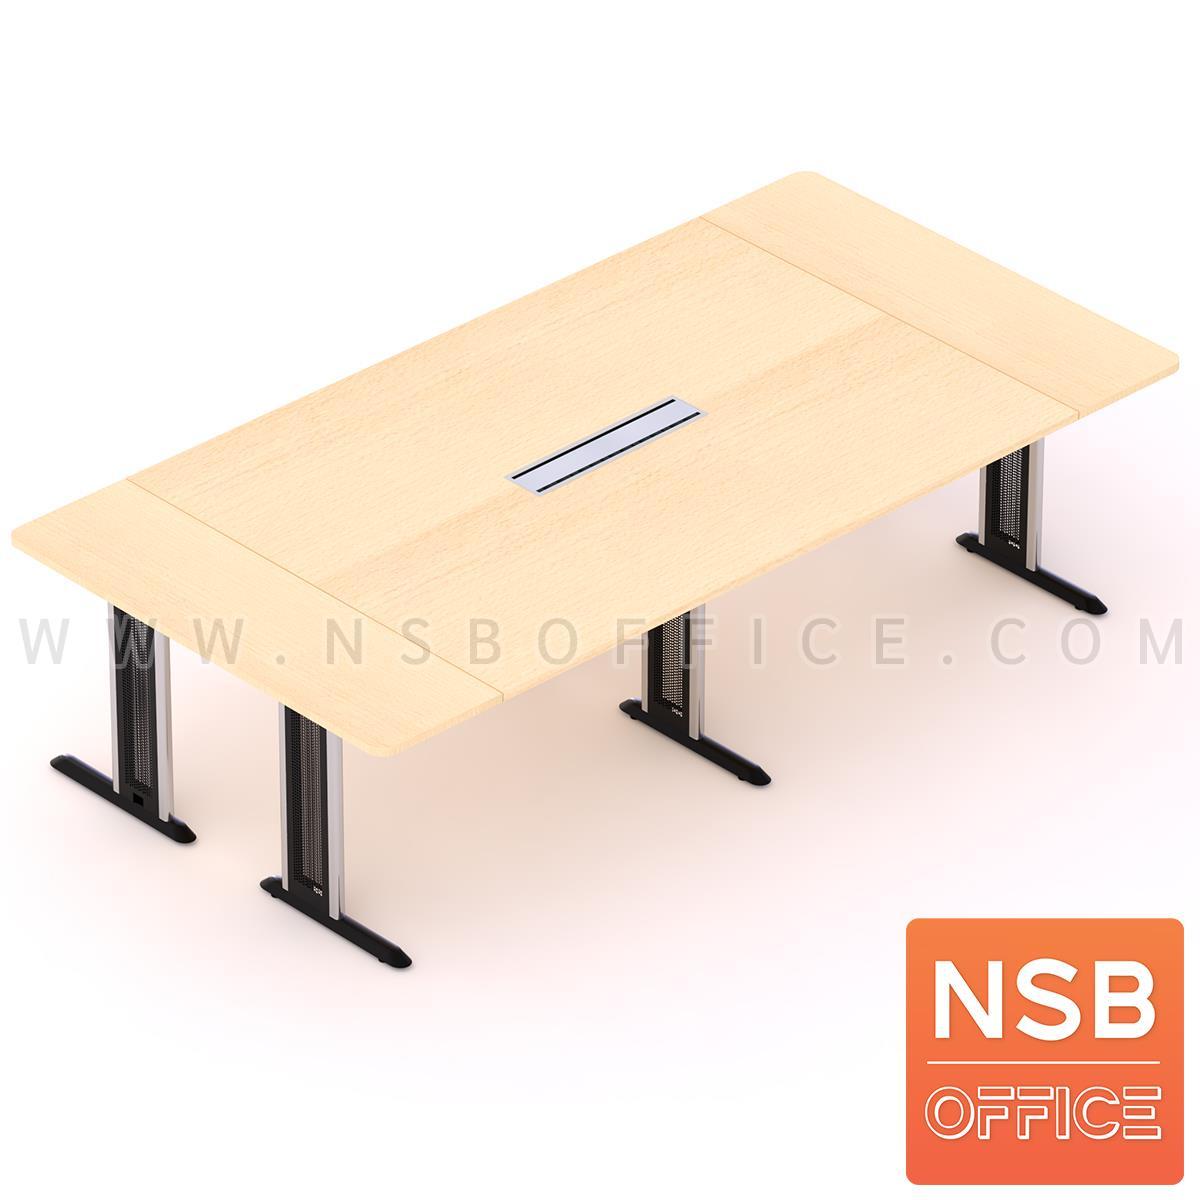 A05A149:โต๊ะประชุมทรงสี่เหลี่ยม รุ่น Daffodil ขนาด 280W ,320W ,440W ,520W ,620W cm. พร้อมกล่องไฟ ขาเหล็กตัวแอล